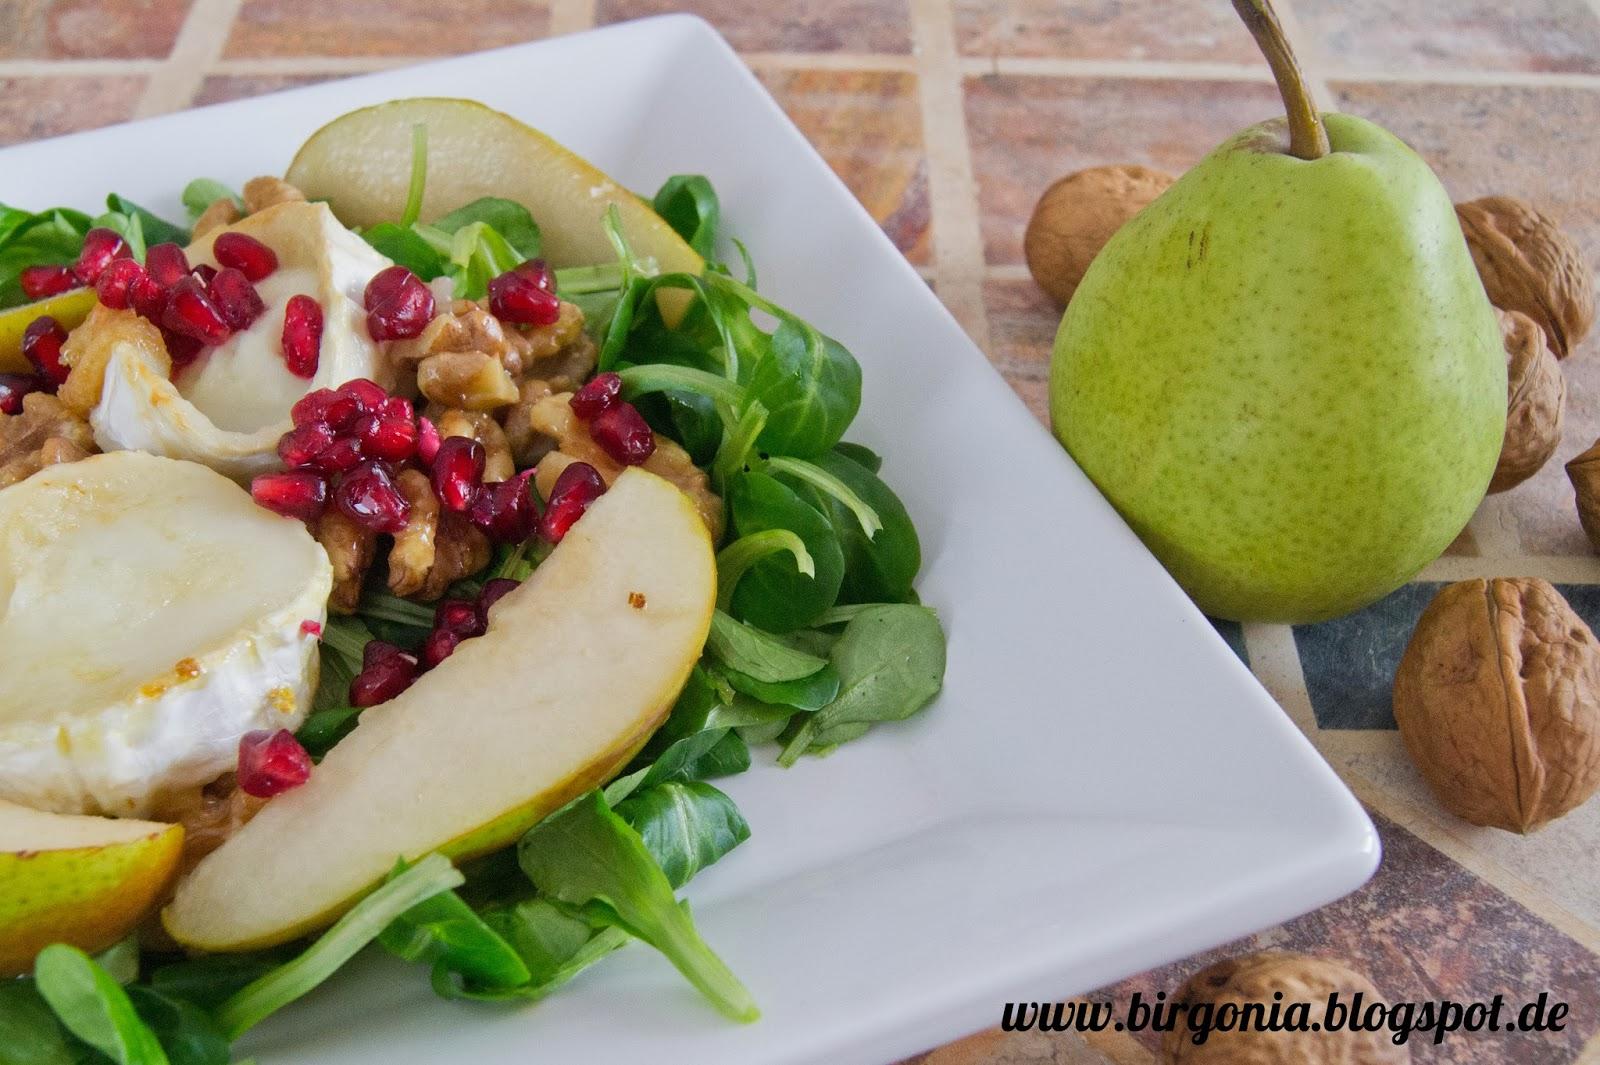 Salat mit ziegenkase und birnen